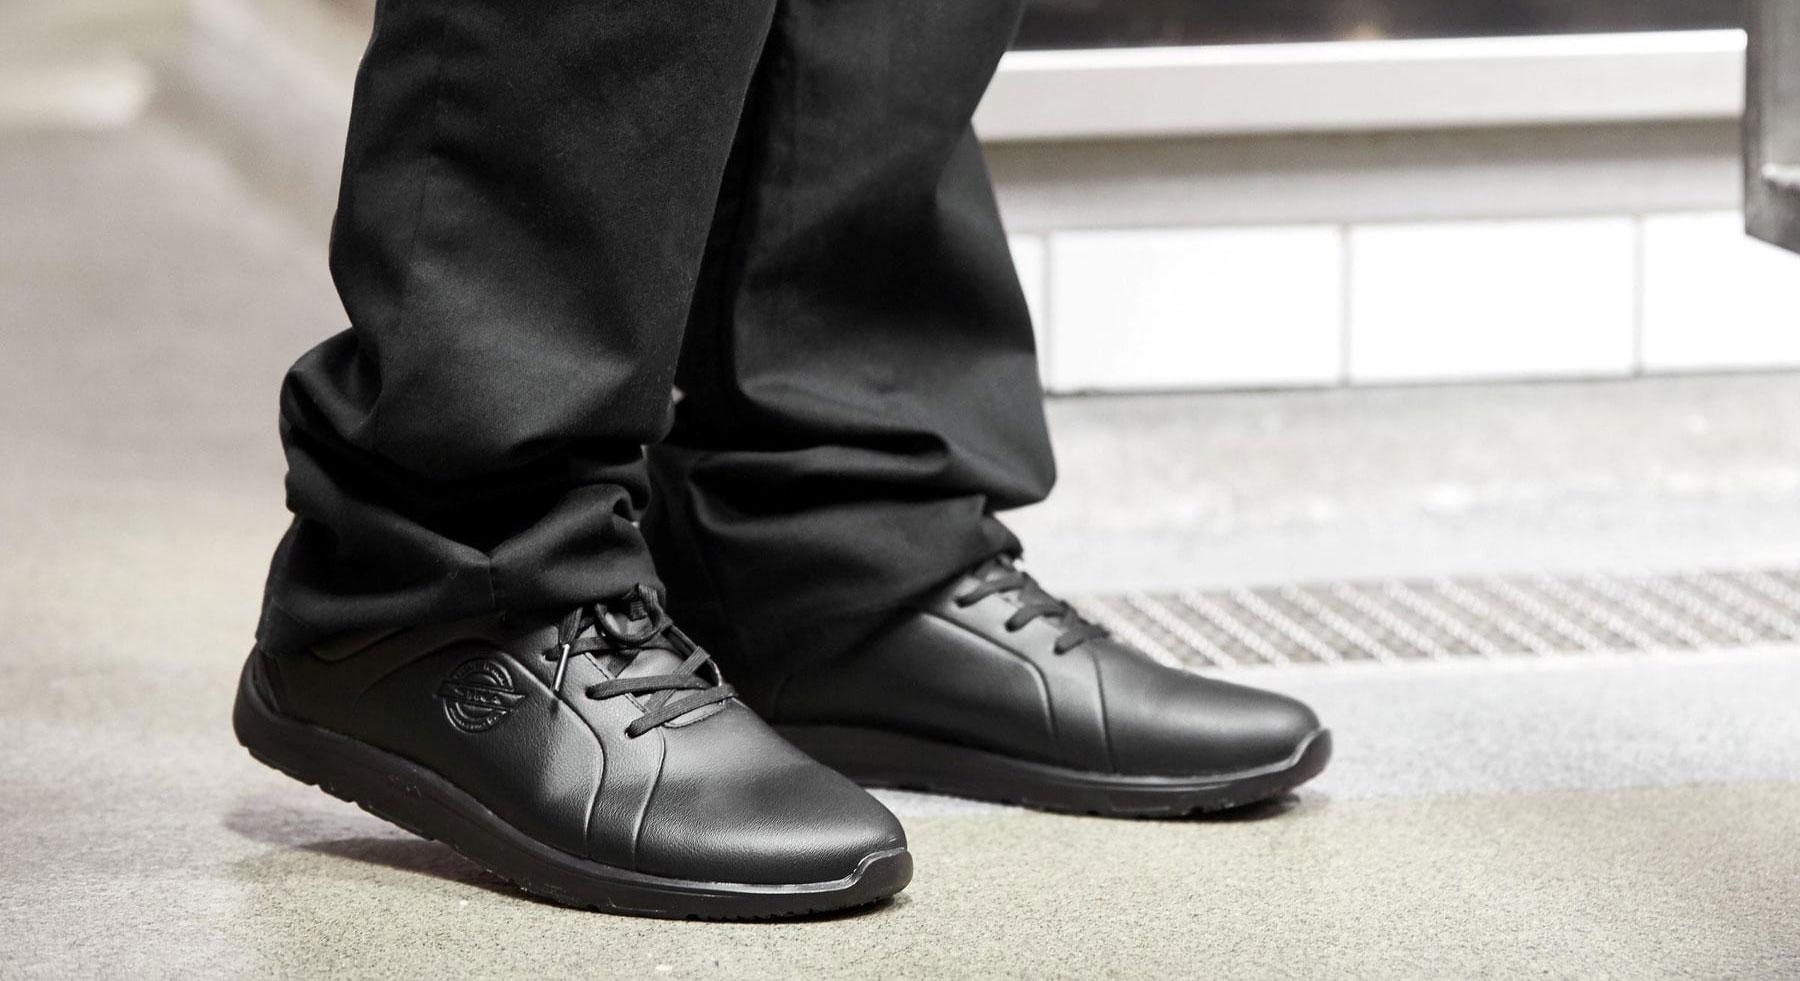 Професионални работни обувки Sika Footwear 19301 Balance - снимка 4